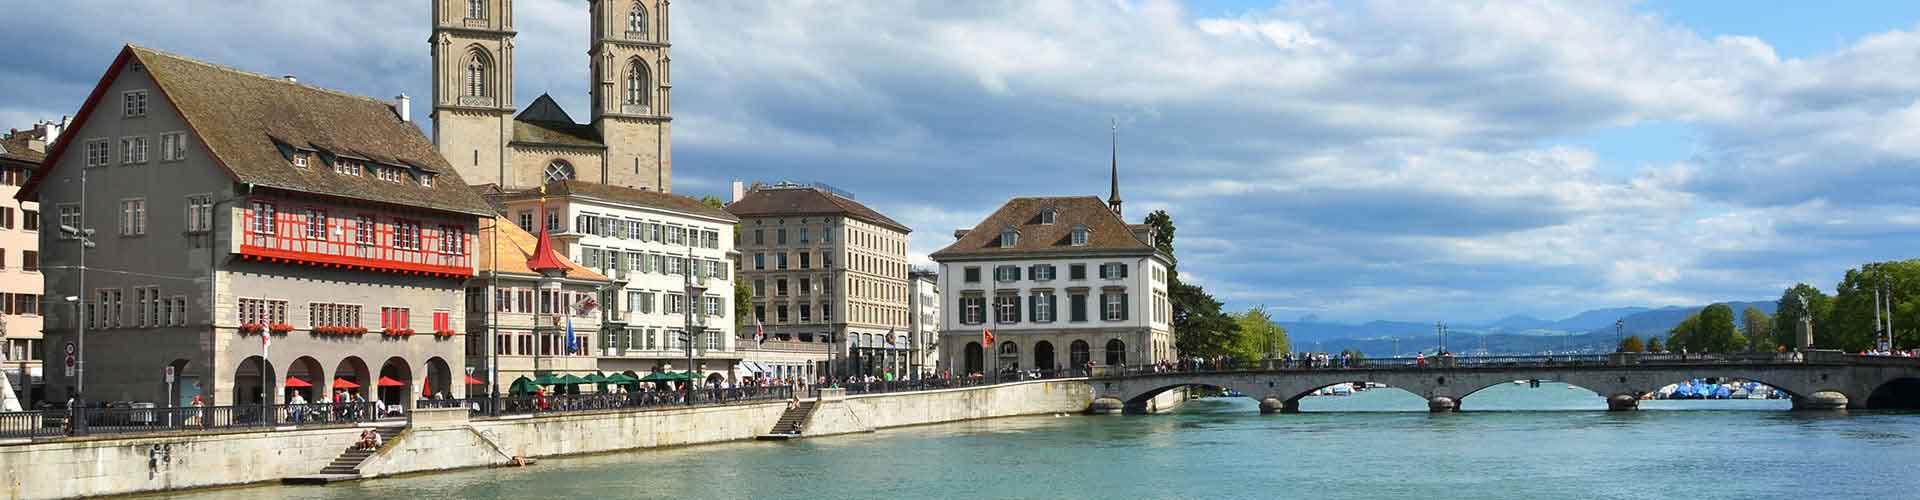 Zürich - Jugendherbergen in Zürich. Zürich auf der Karte. Fotos und Bewertungen für jede Jugendherberge in Zürich.